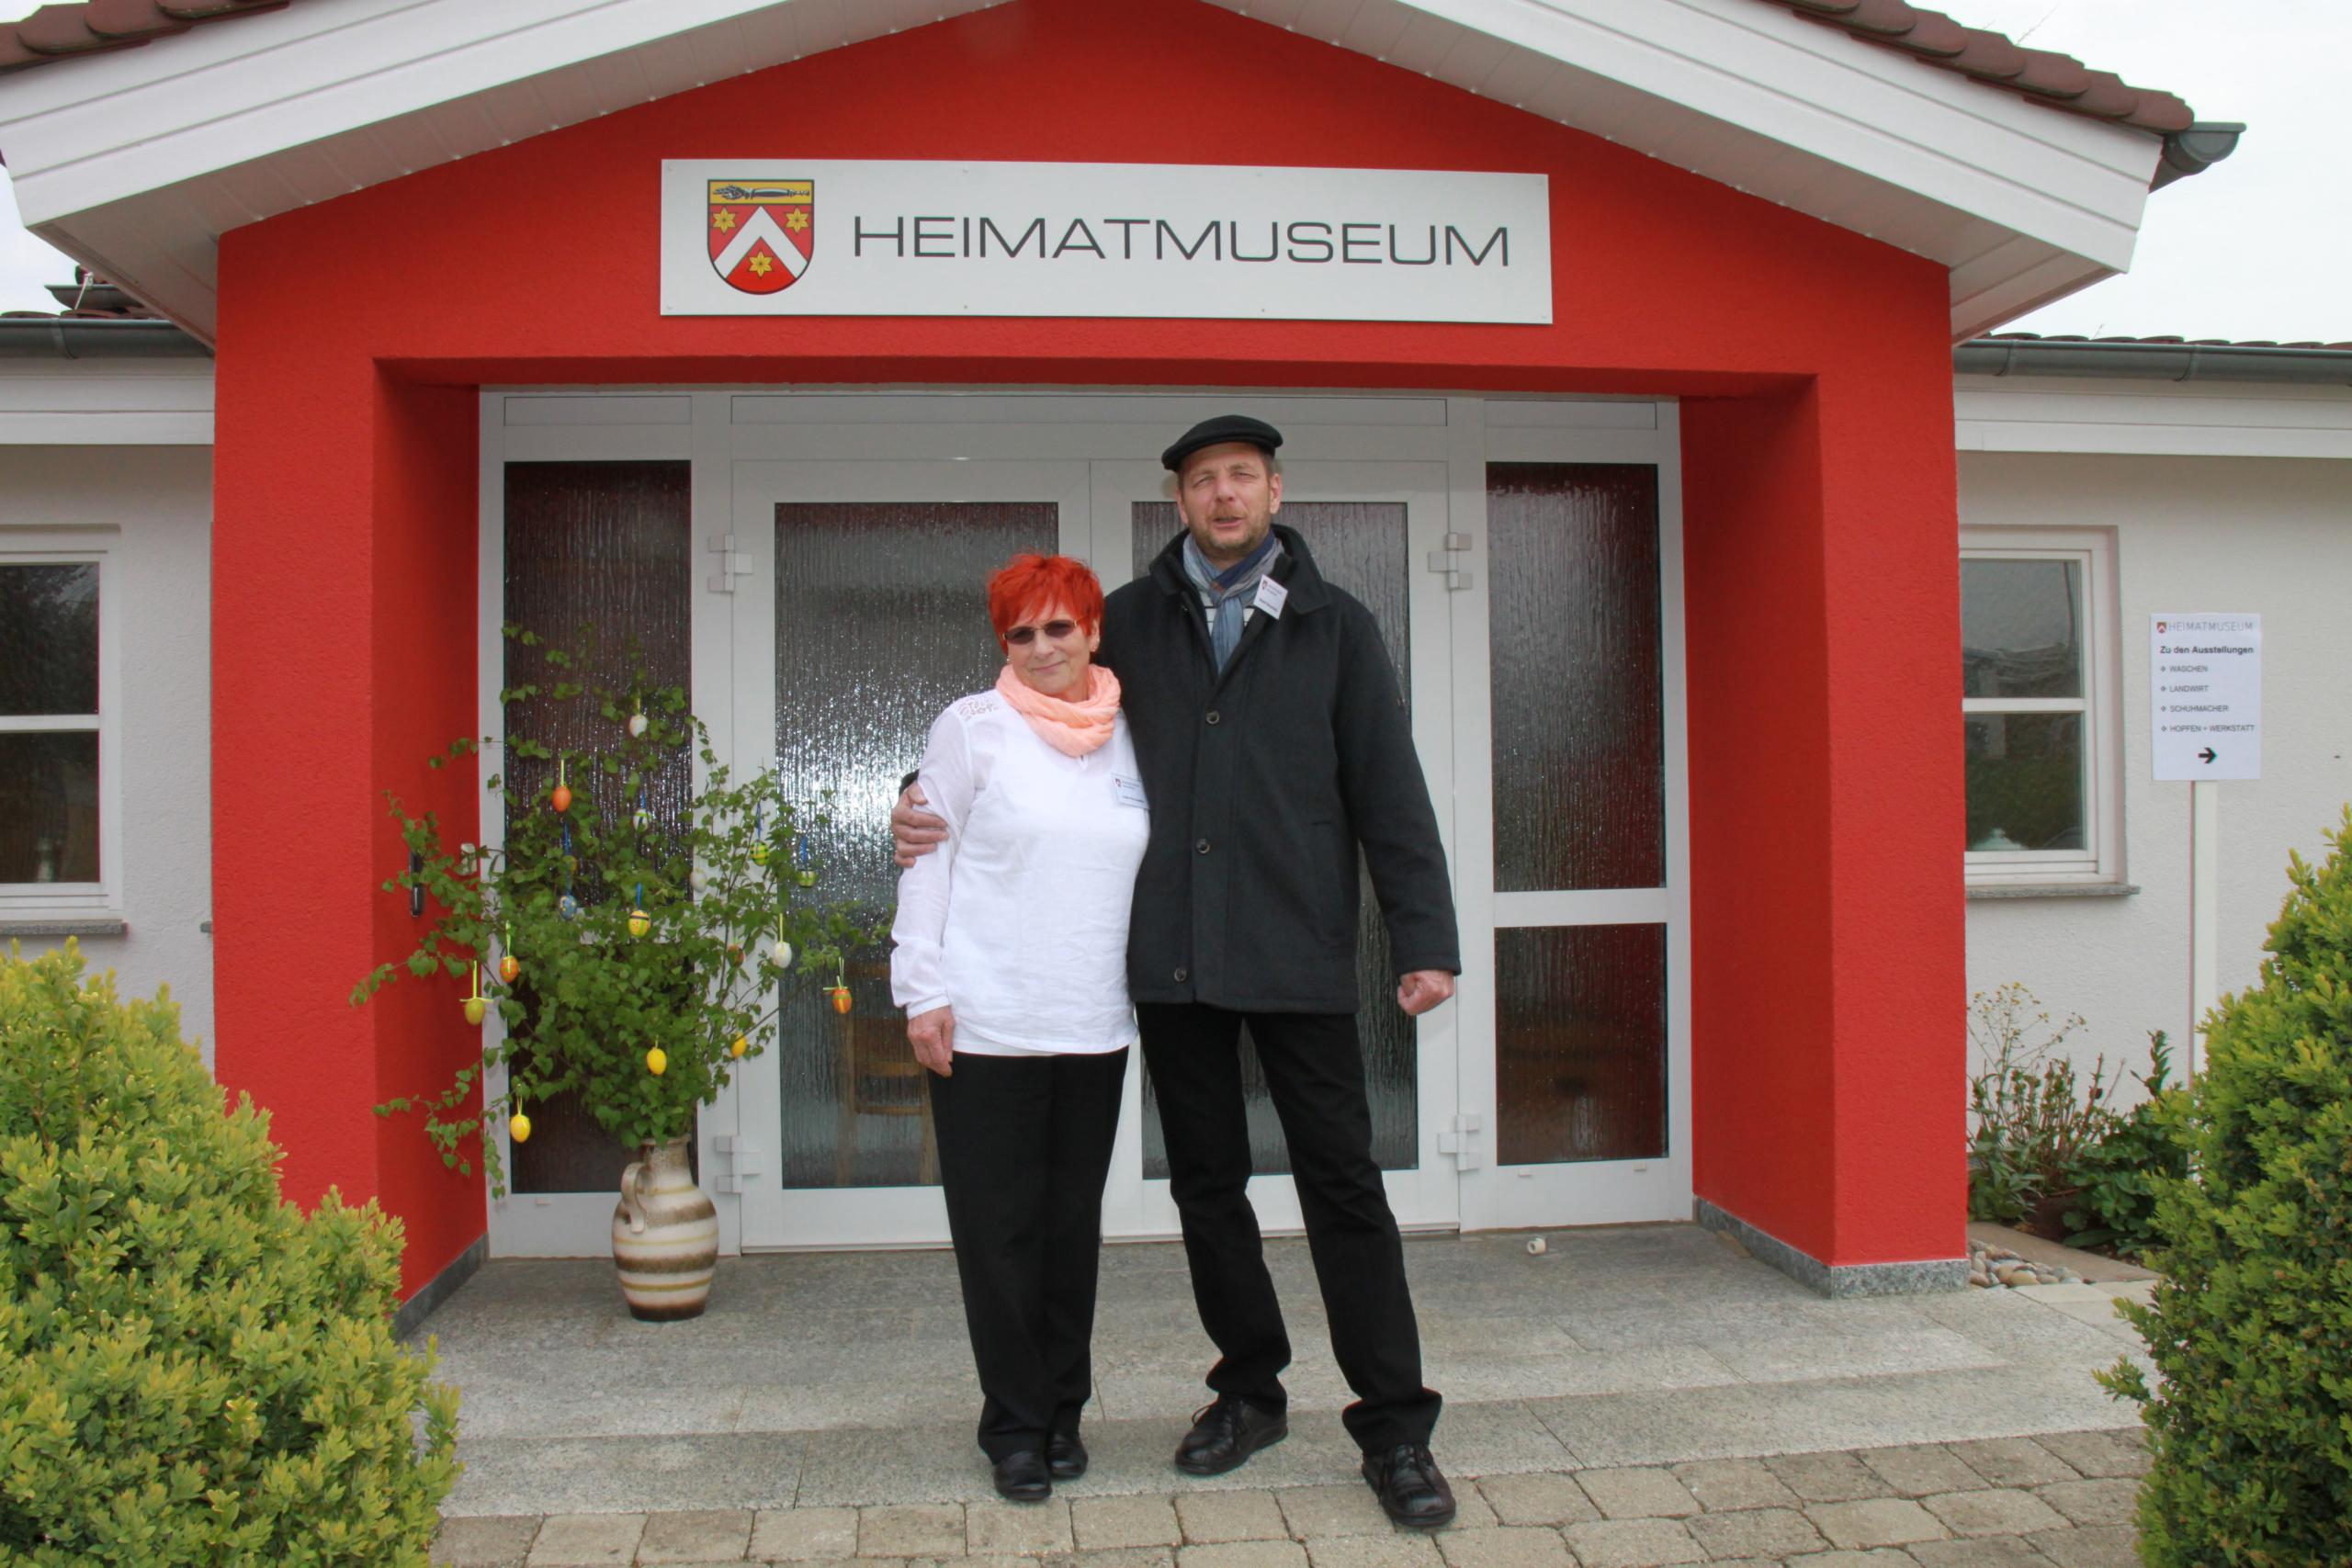 Bild von Luise und Gianni Perruzetto vor dem Heimatmuseum Neustetten